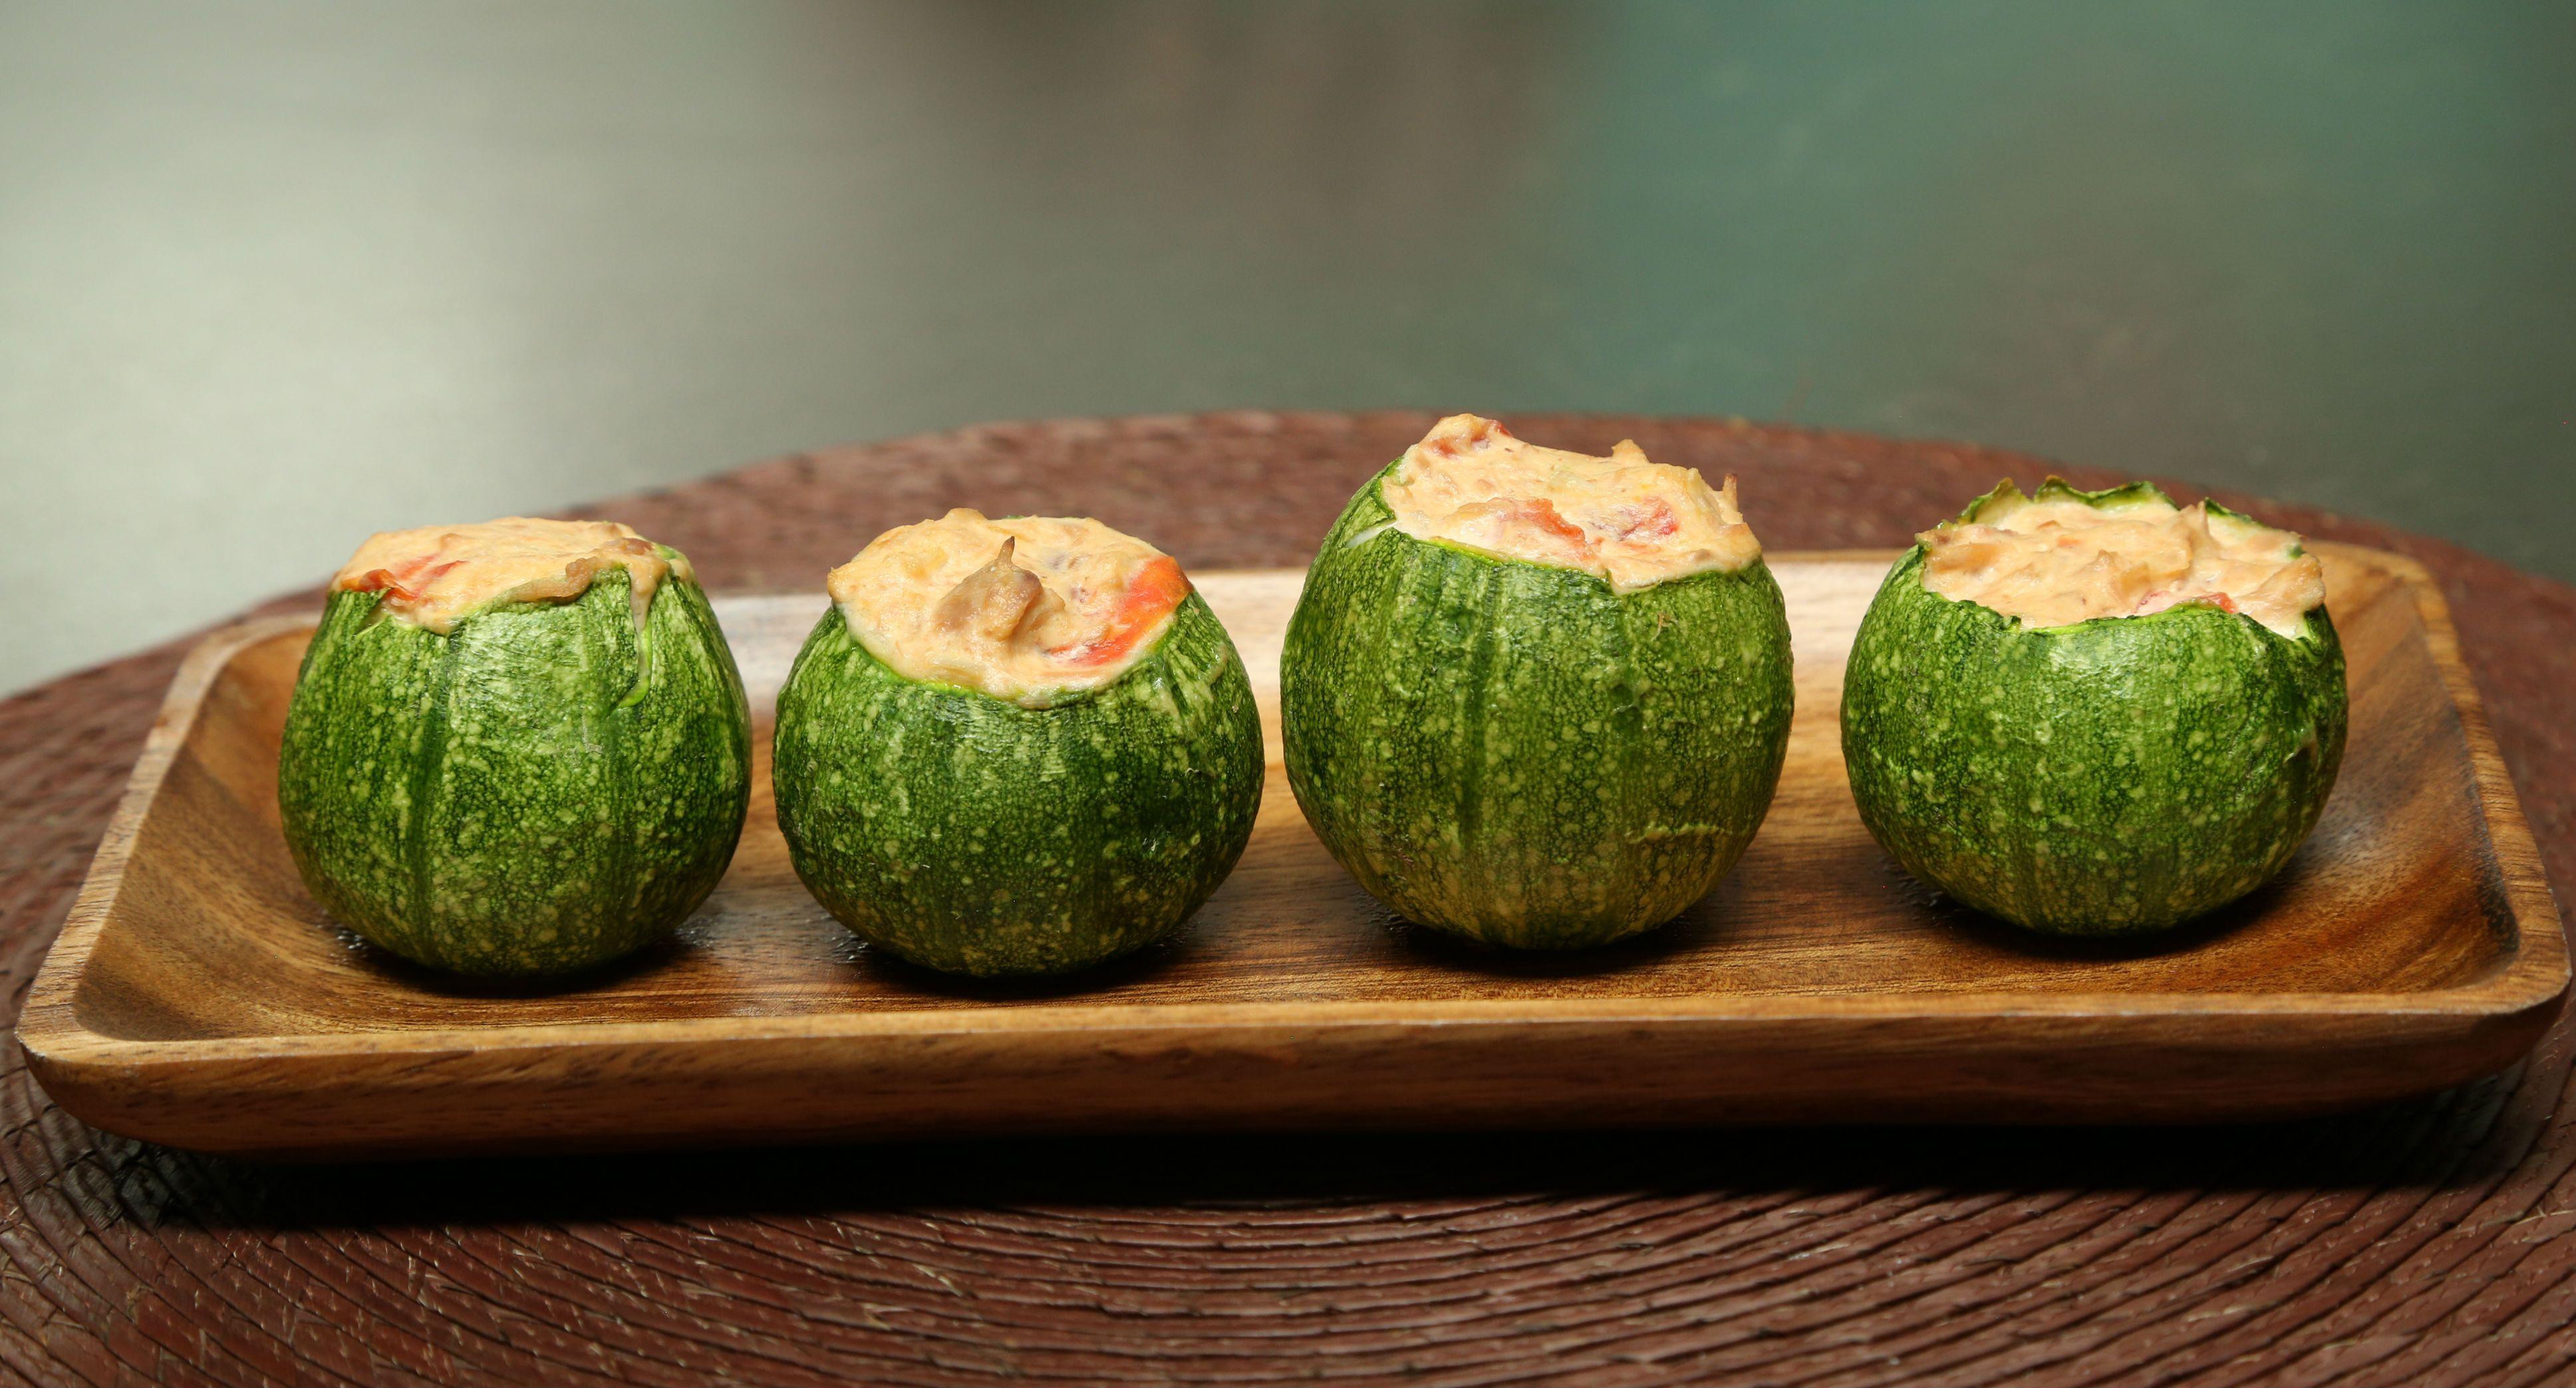 Si quieres que tu familia tenga un platillo saludable y delicioso, te comparto mi tip para saber cómo hacer calabacitas rellenas de atún.